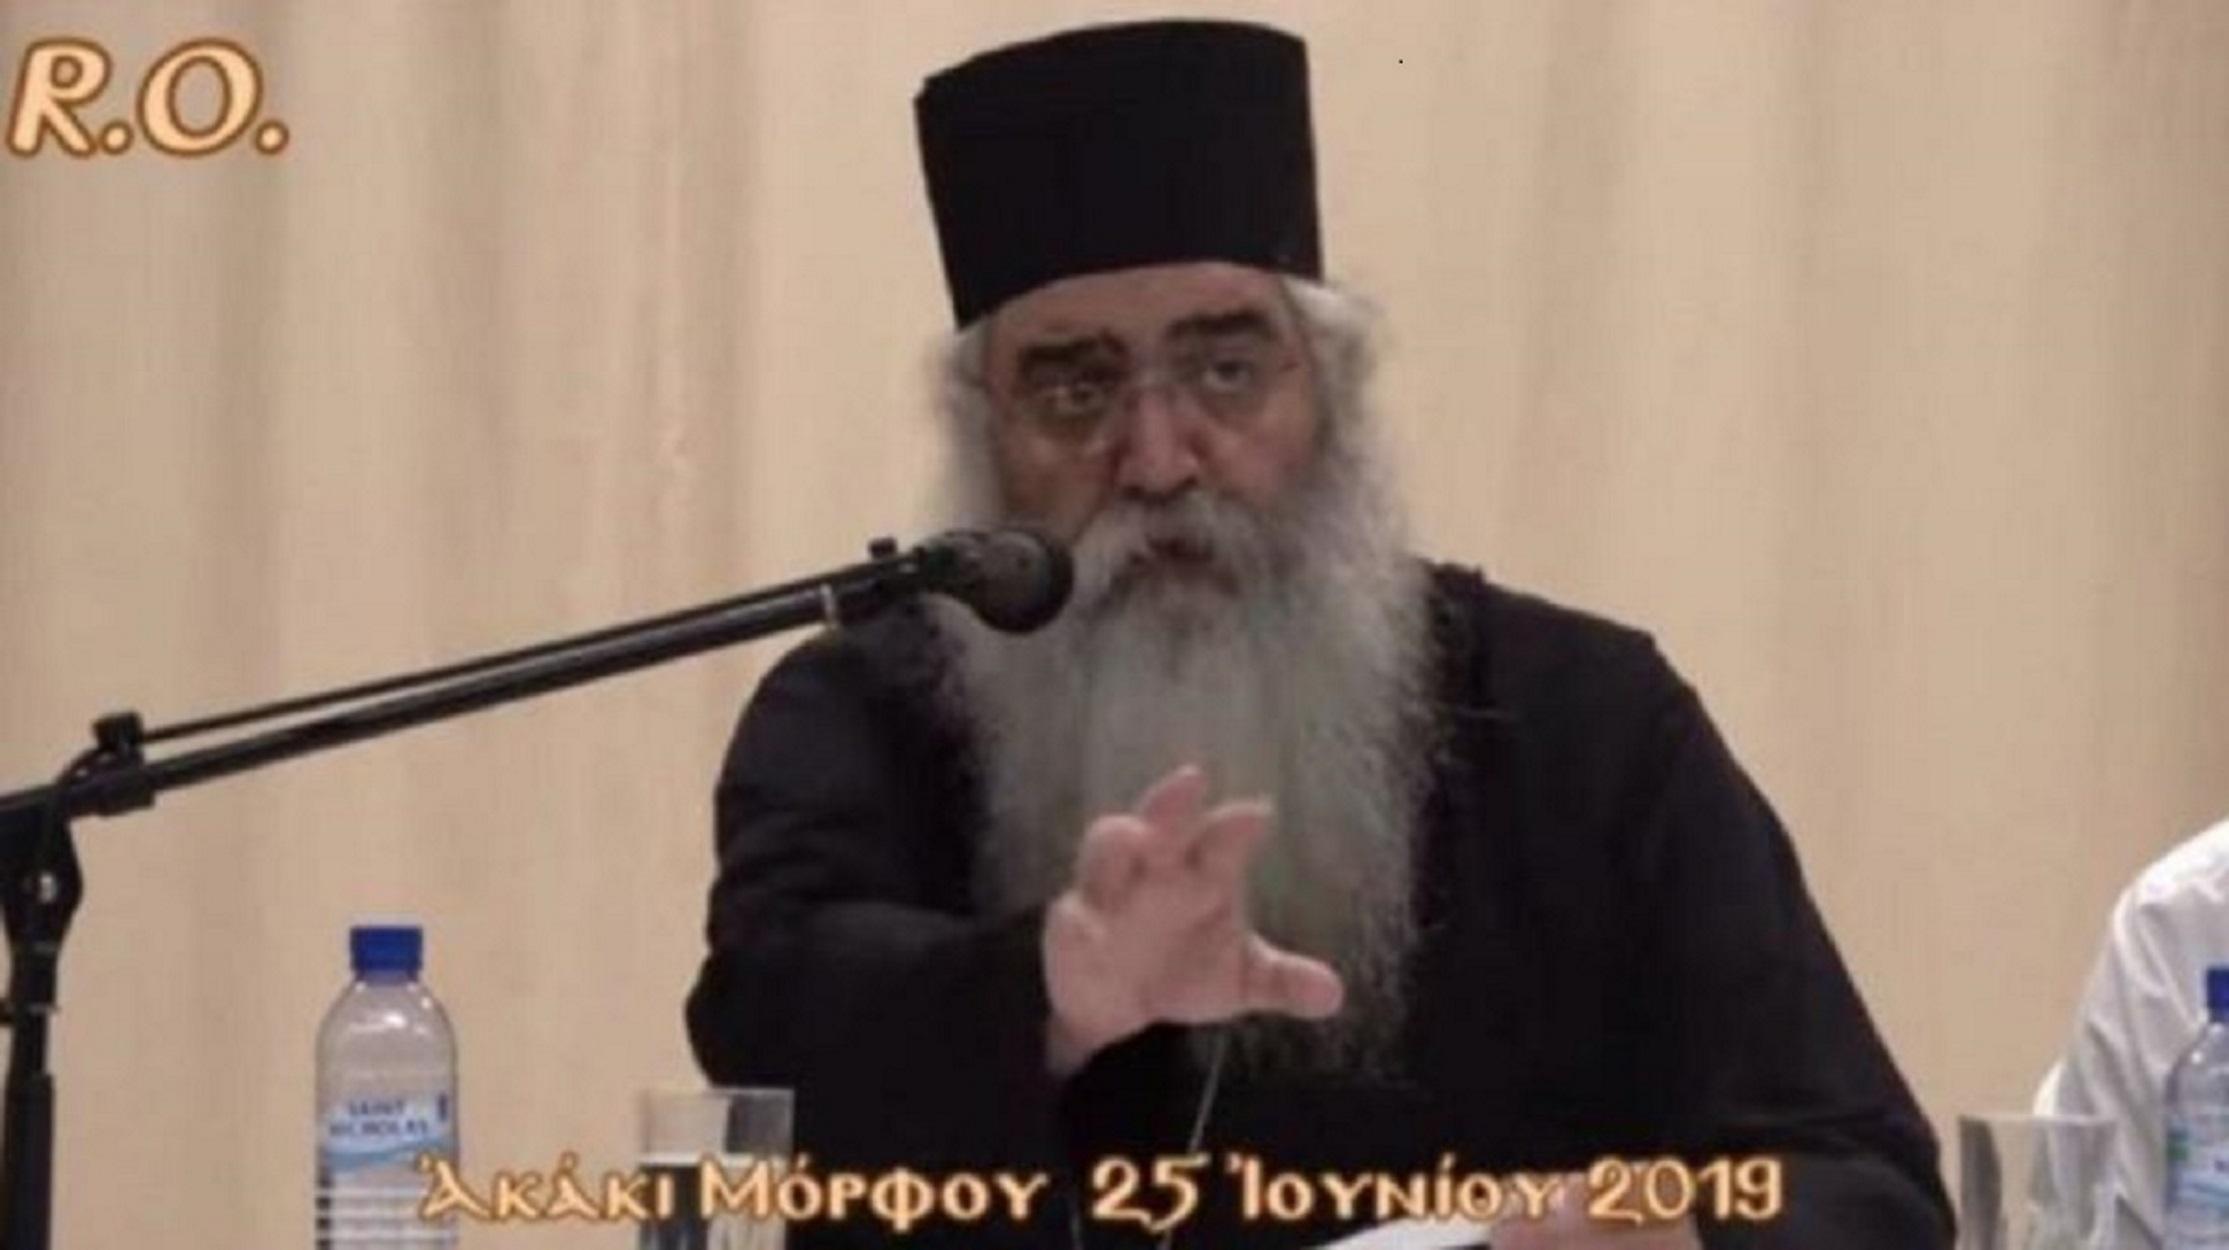 Κύπρος: Αρνείται να συμμορφωθεί με τα μέτρα για τον κορονοϊό ο Μόρφου